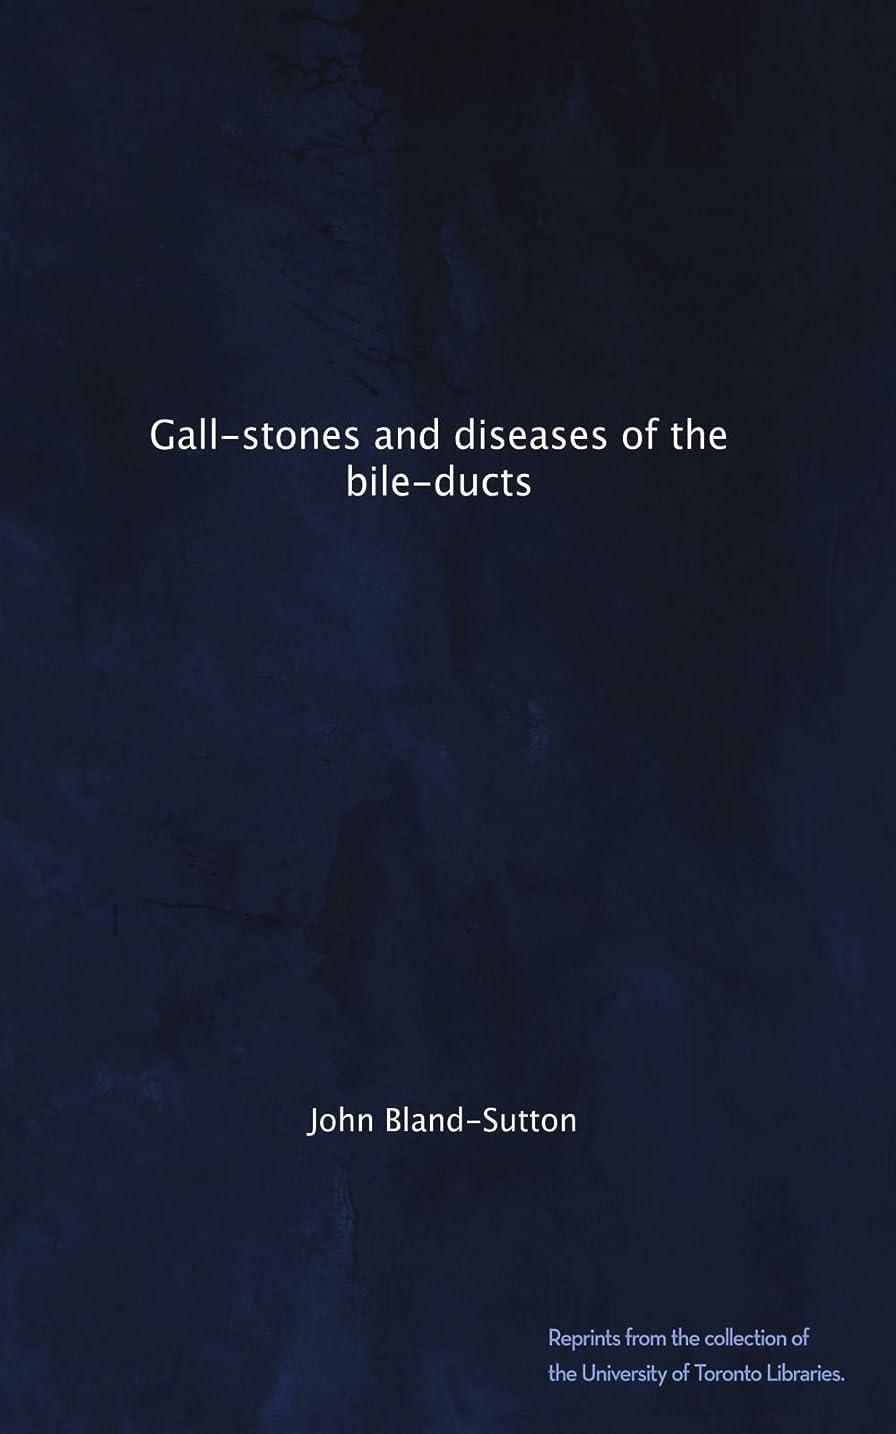 アクティブ櫛旋回Gall-stones and diseases of the bile-ducts